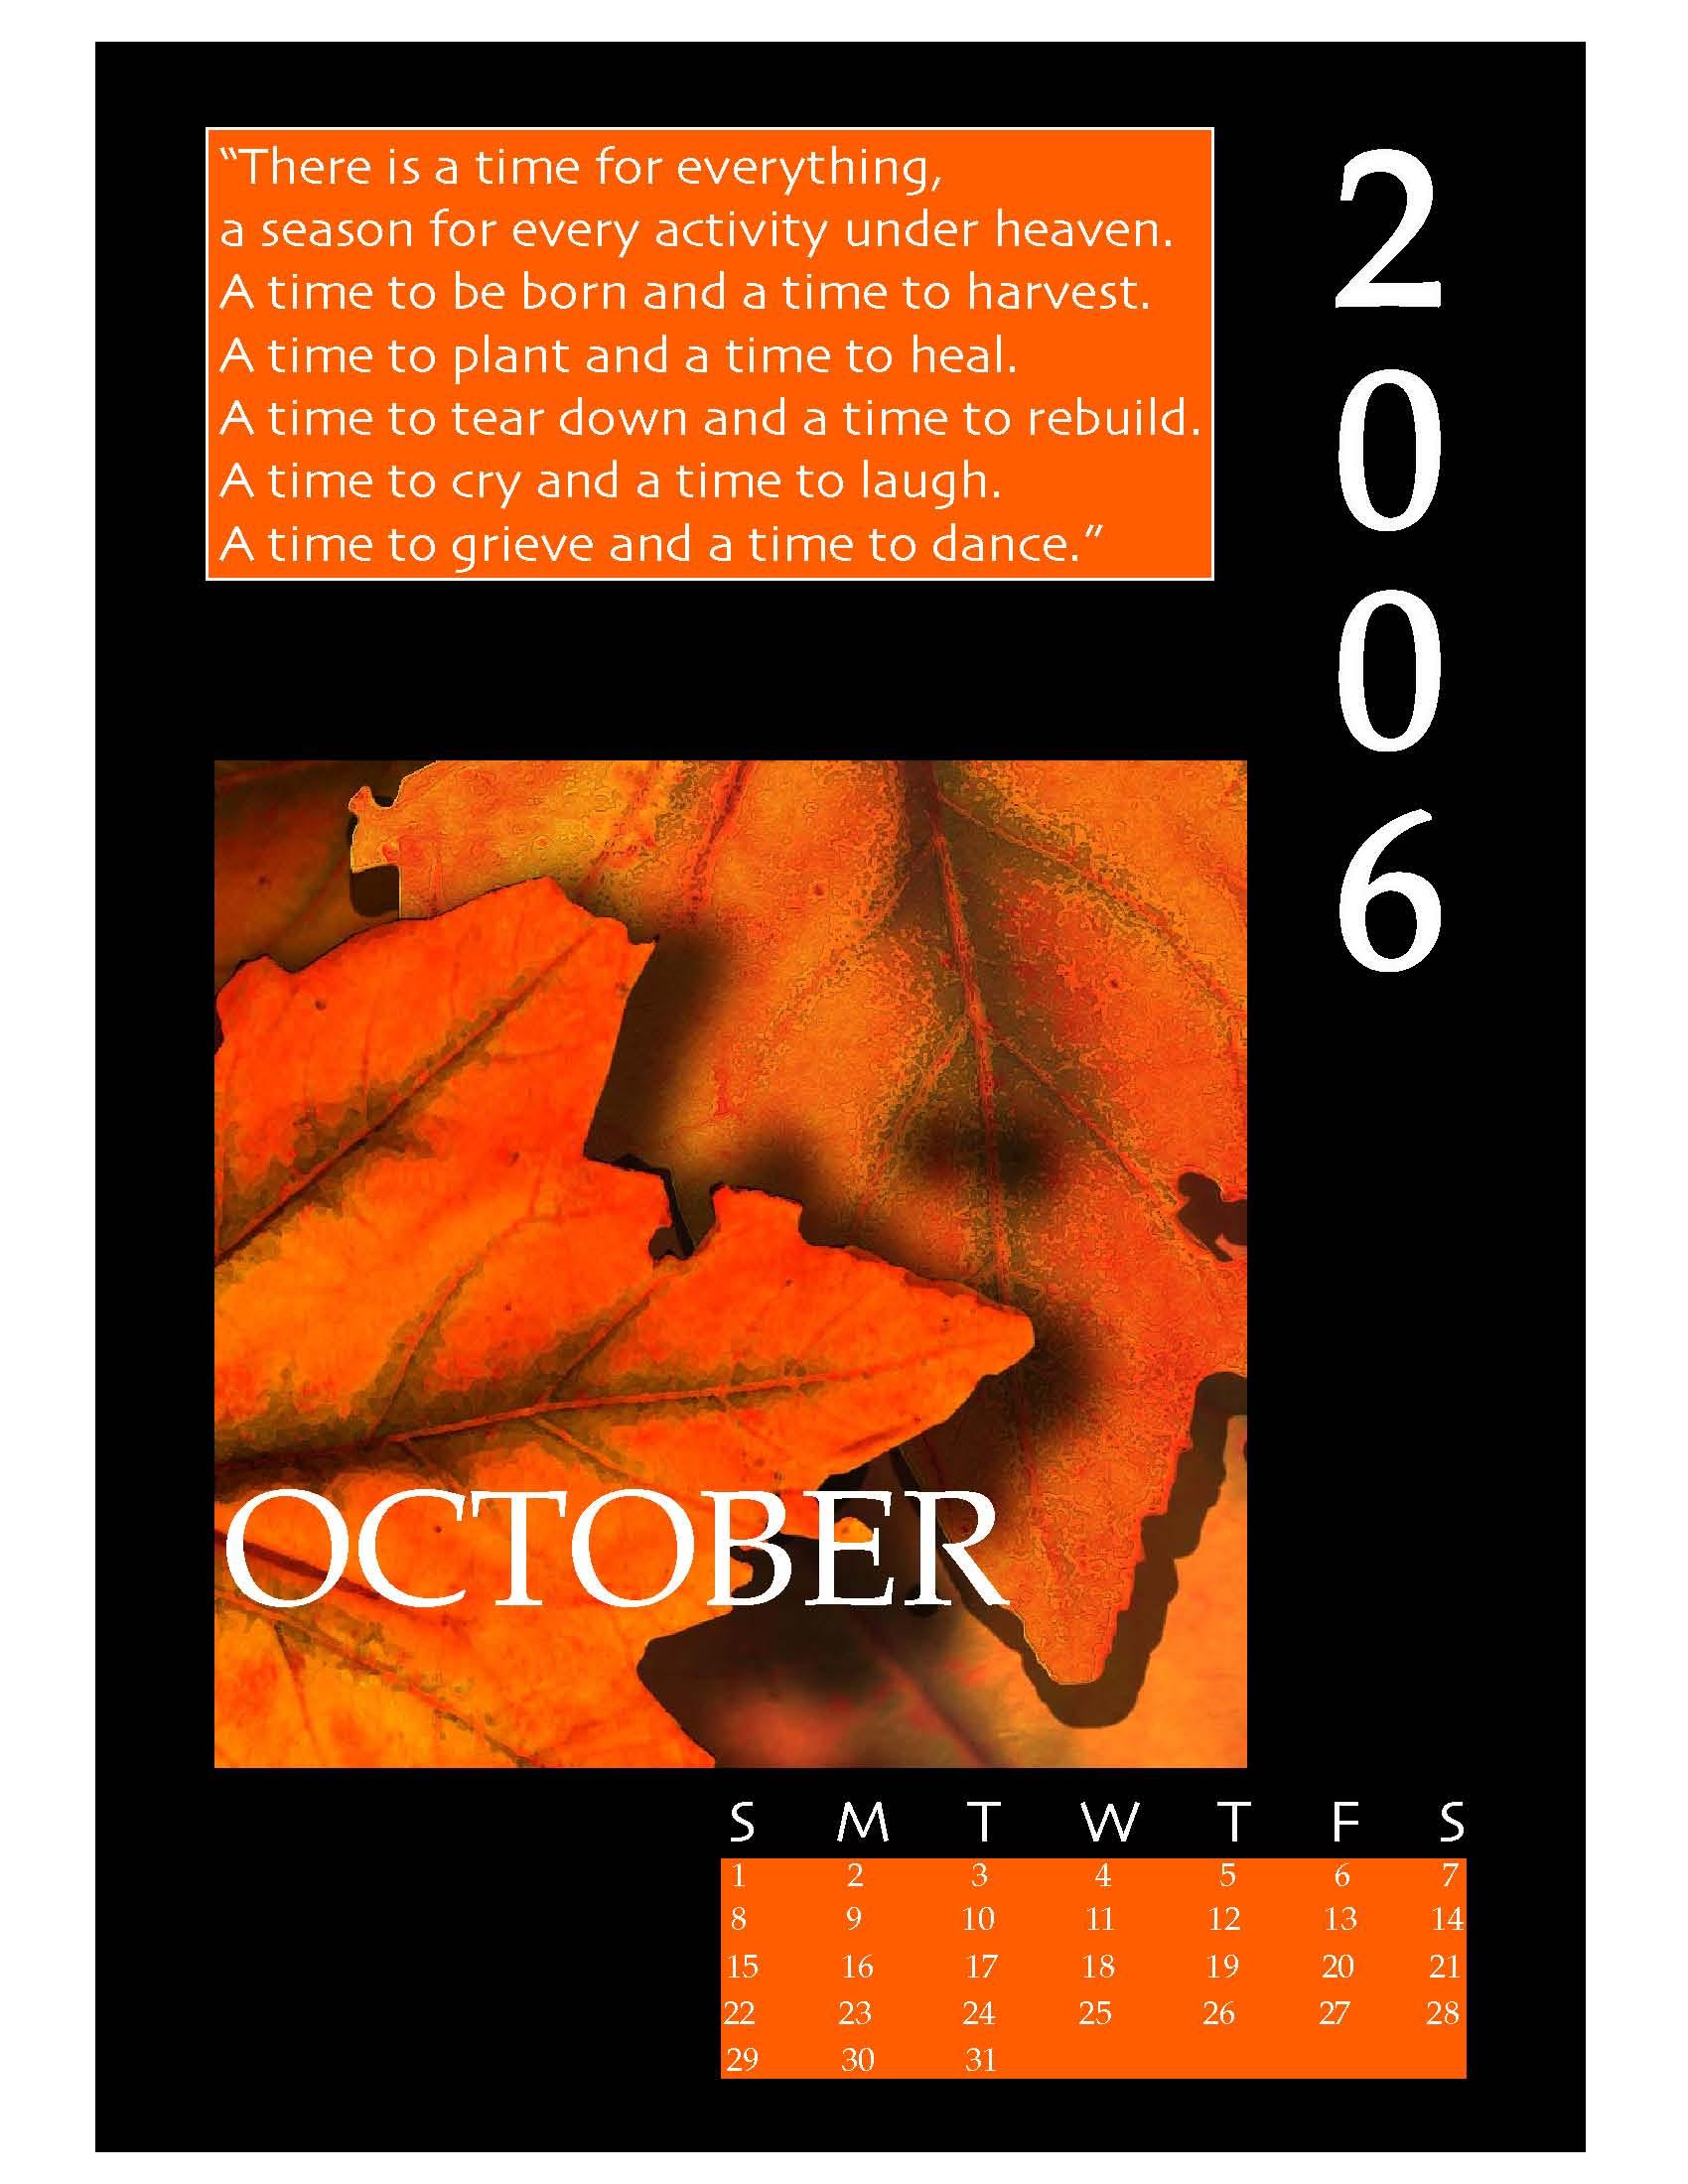 October Calendar1.jpg